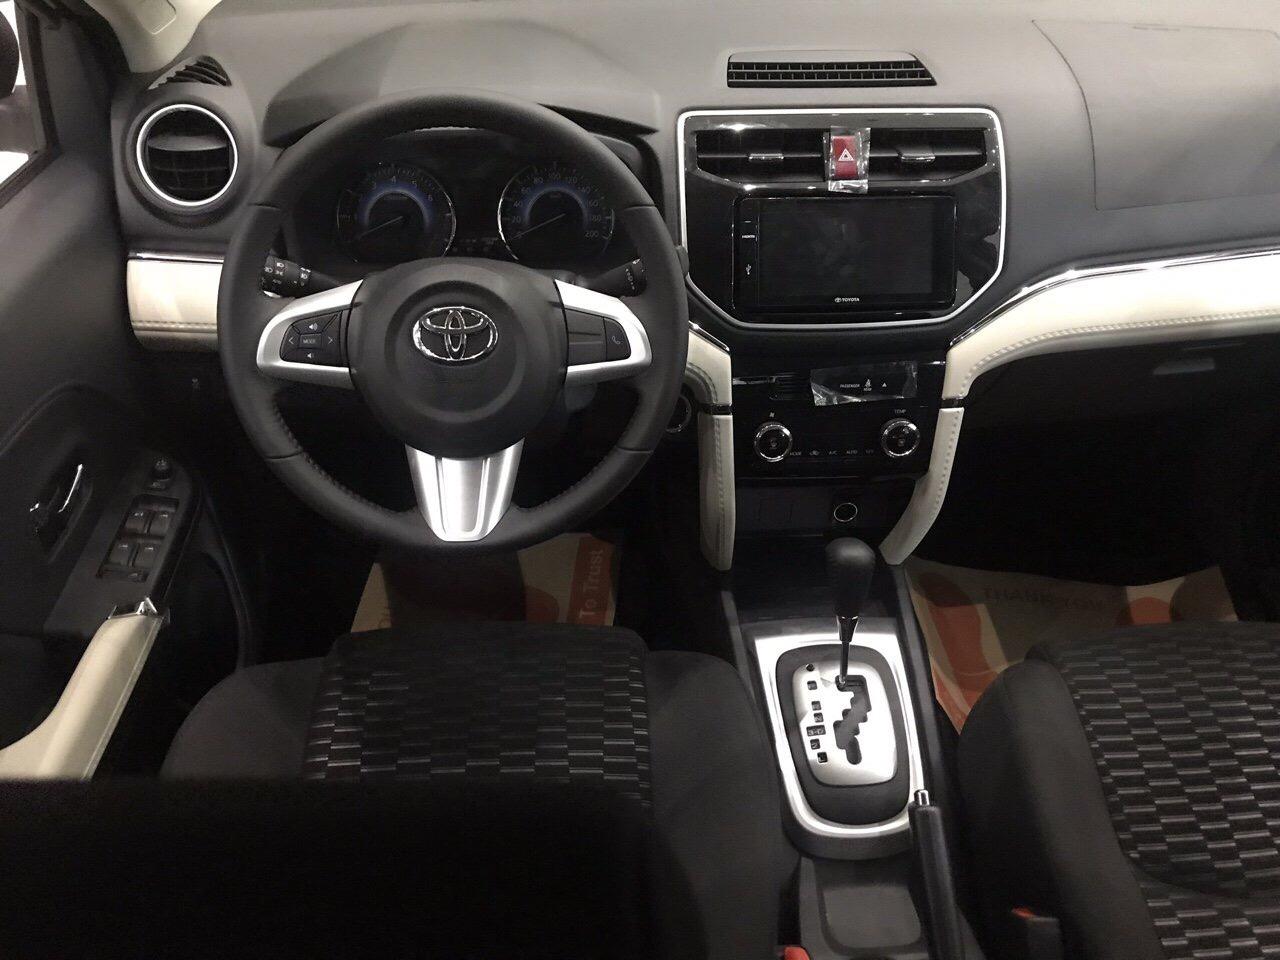 Toyota Rush màu trắng ảnh 7 - Rush 2020: giá xe và khuyến mãi tháng [hienthithang]